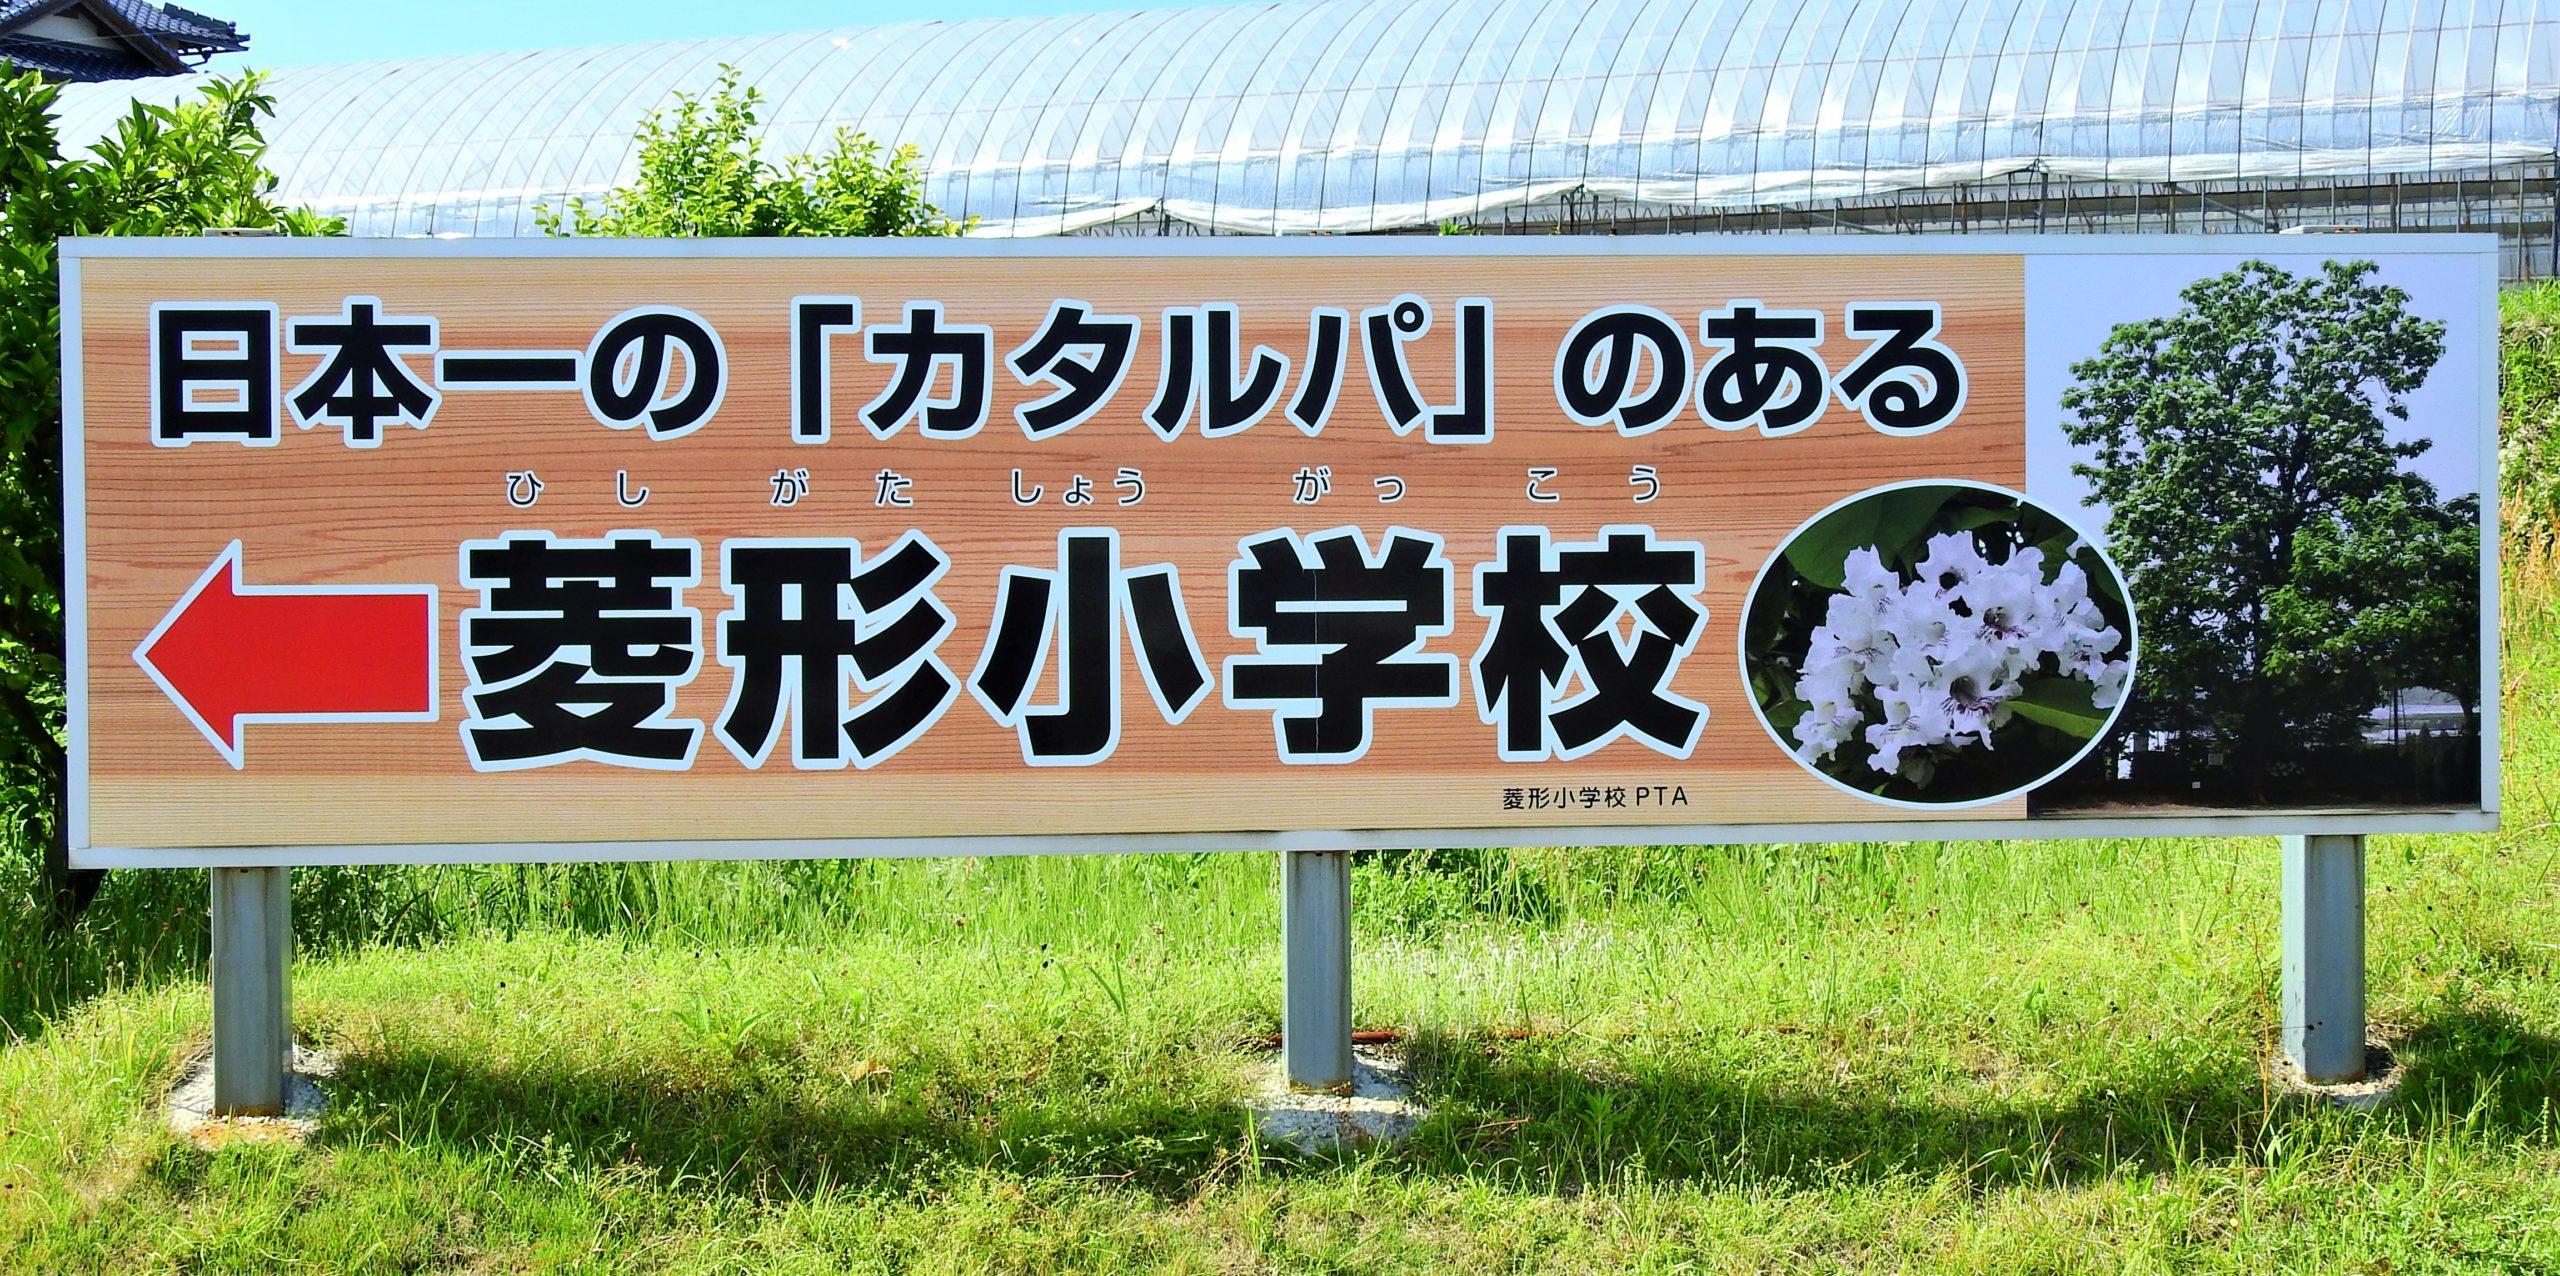 熊本県 植木町